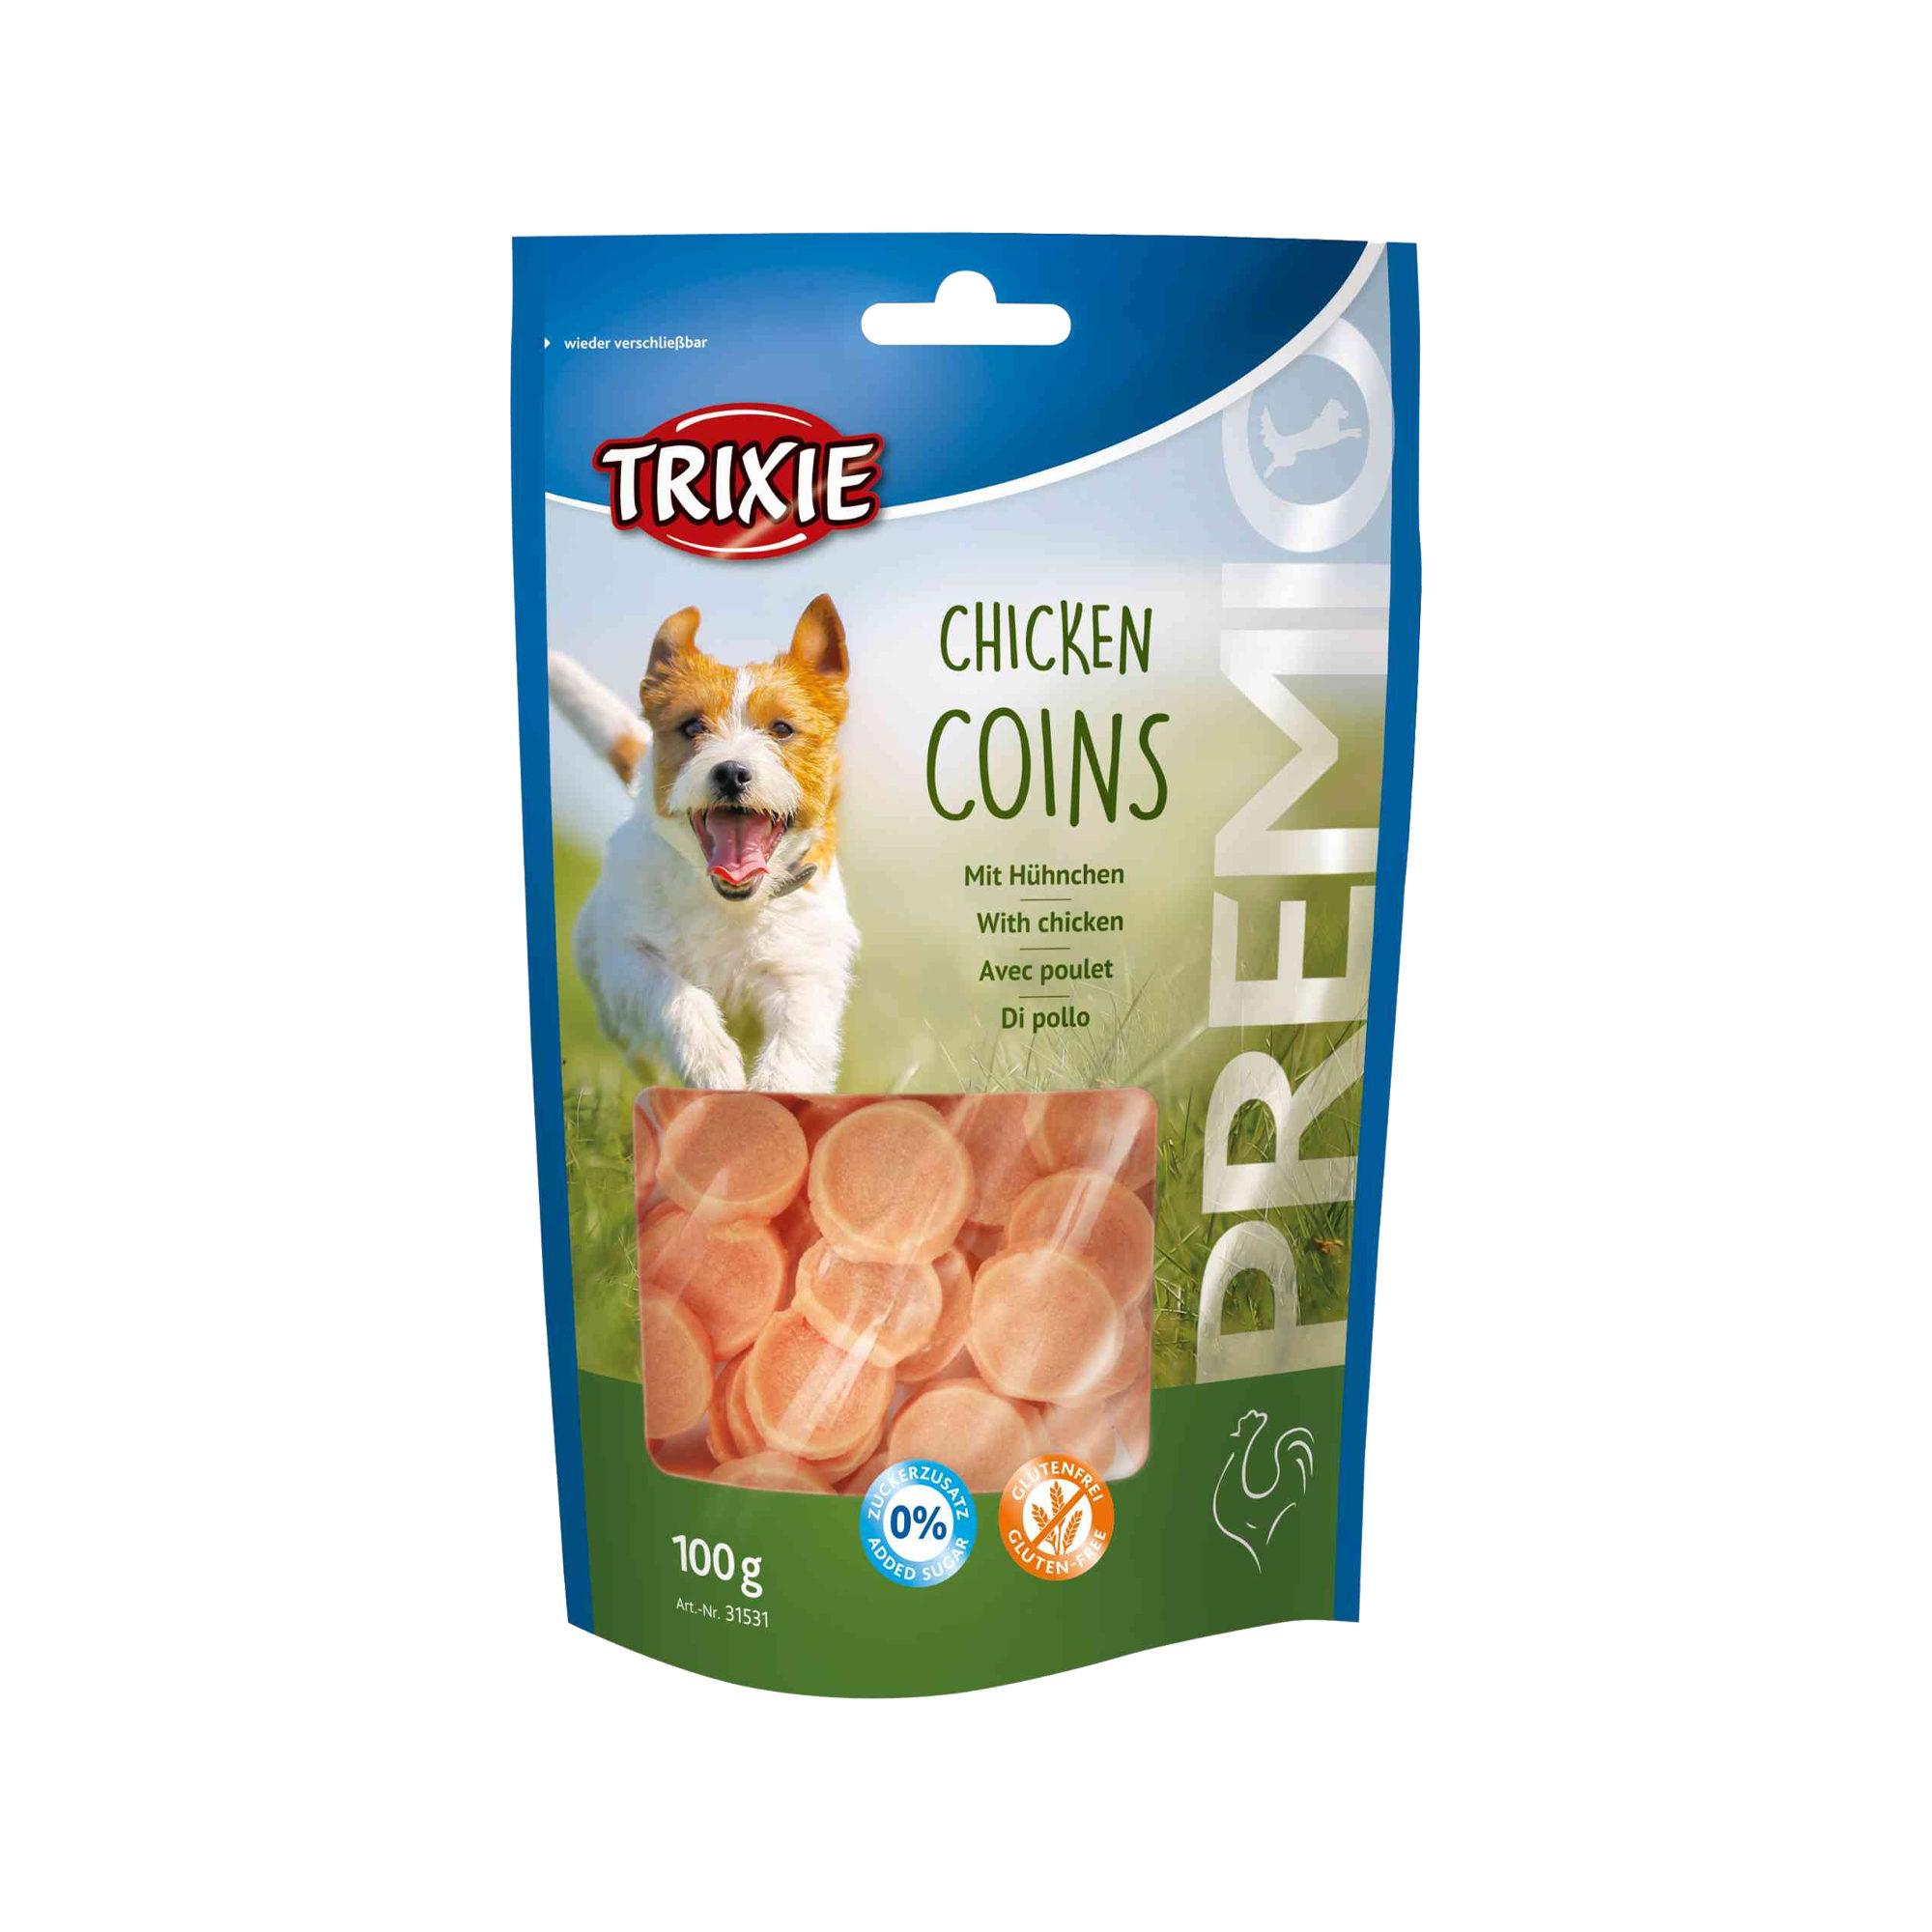 Trixie Premio - Chicken Coins